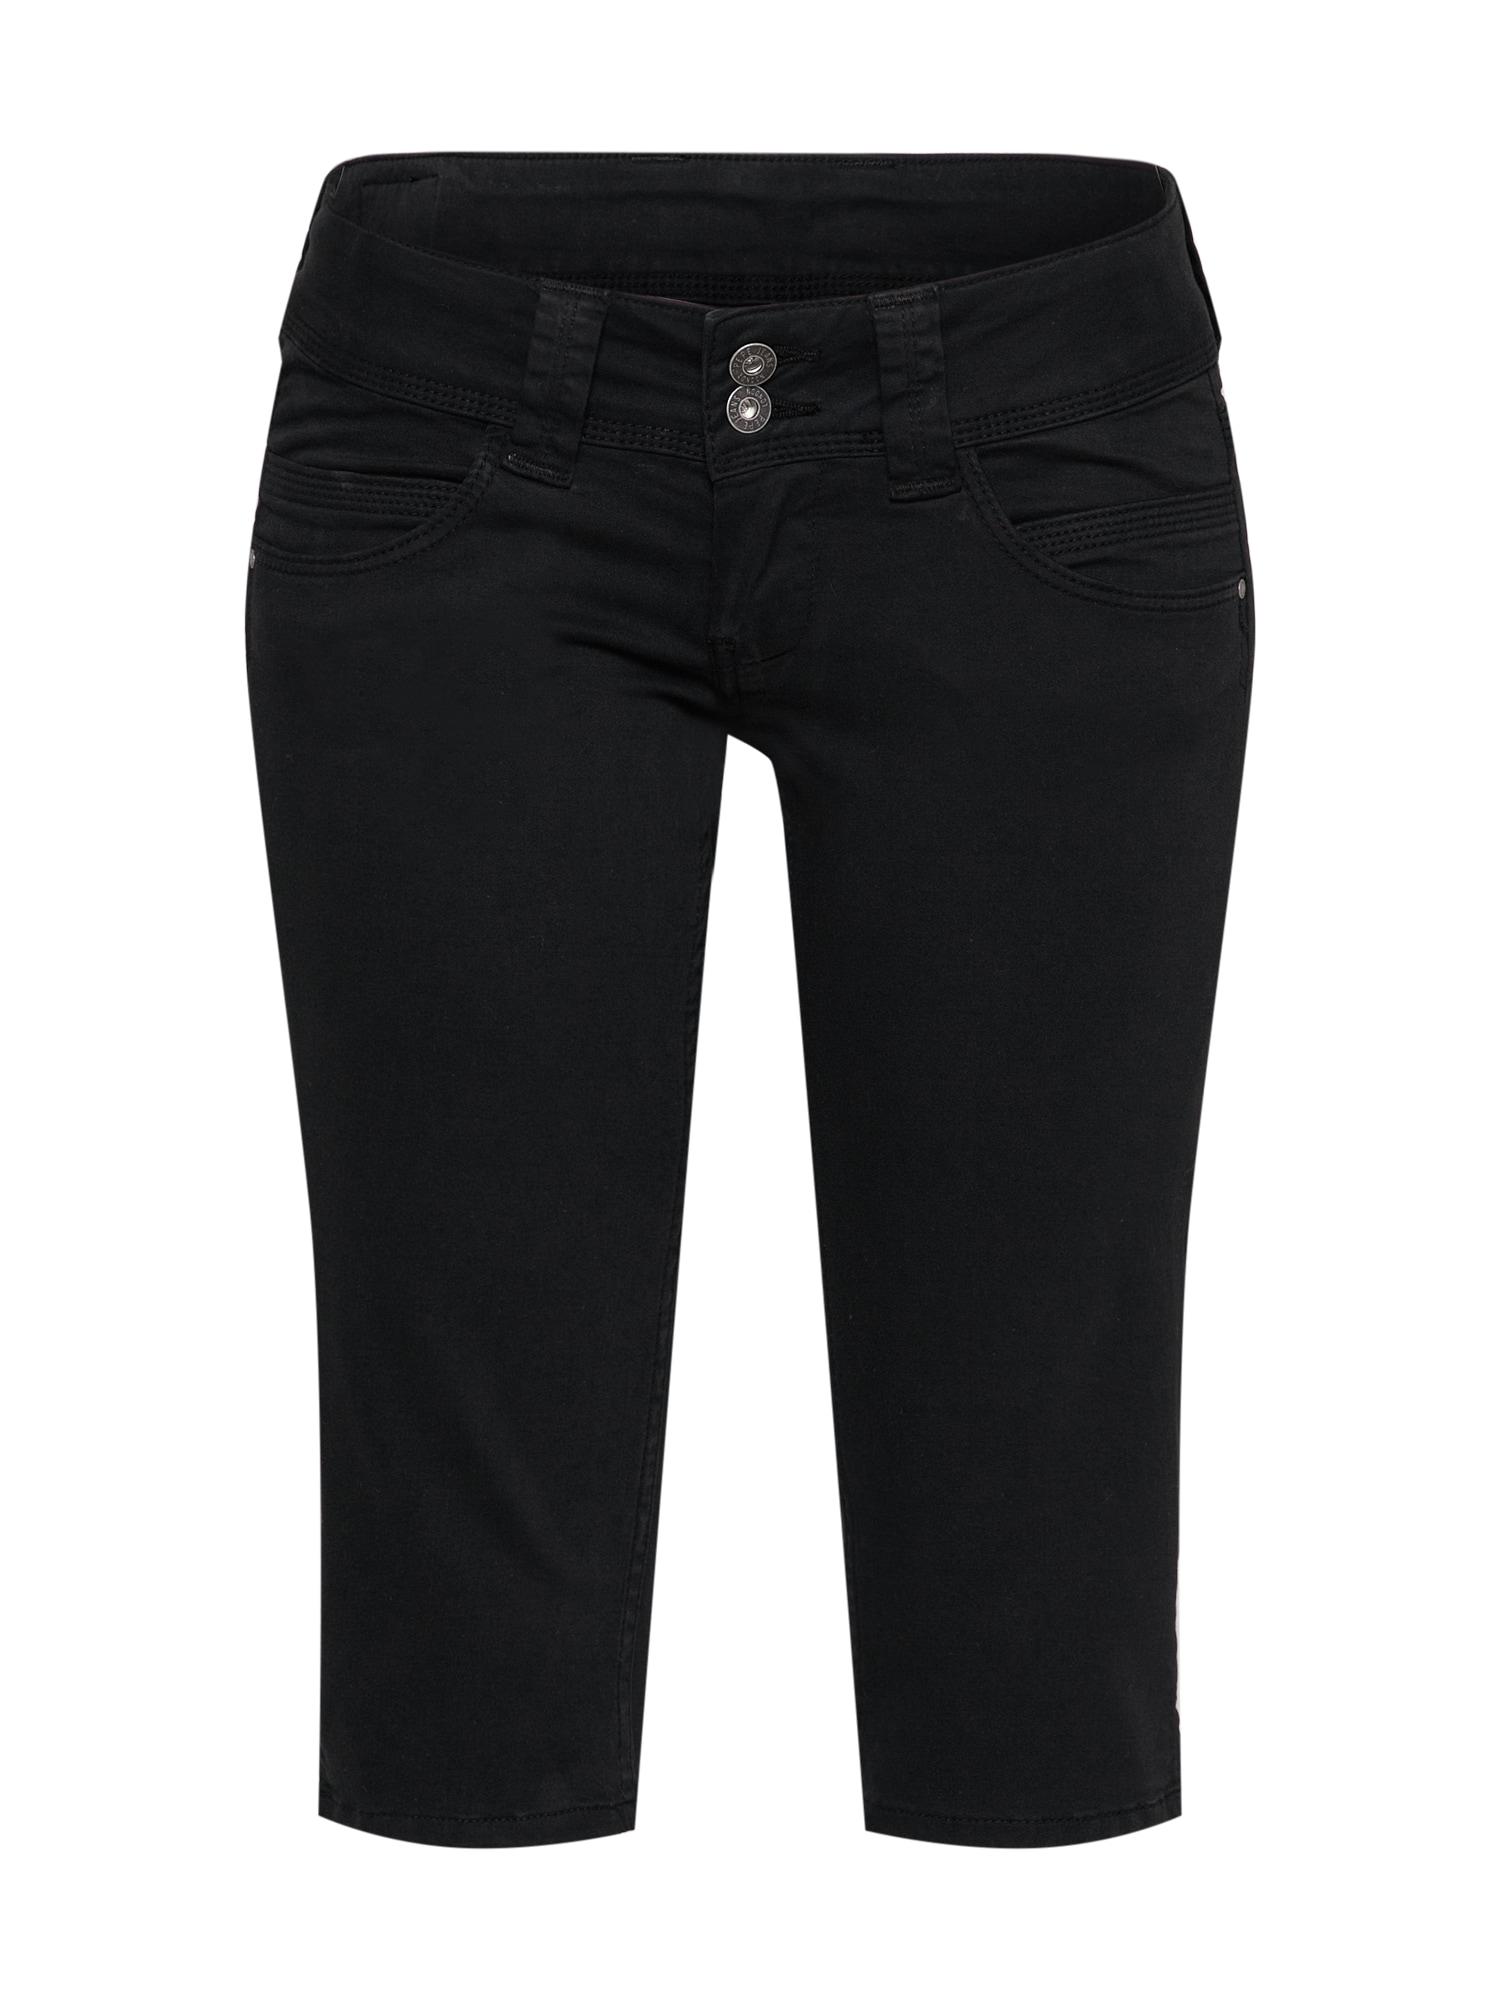 Pepe Jeans Dames Broek VENUS CROP zwart